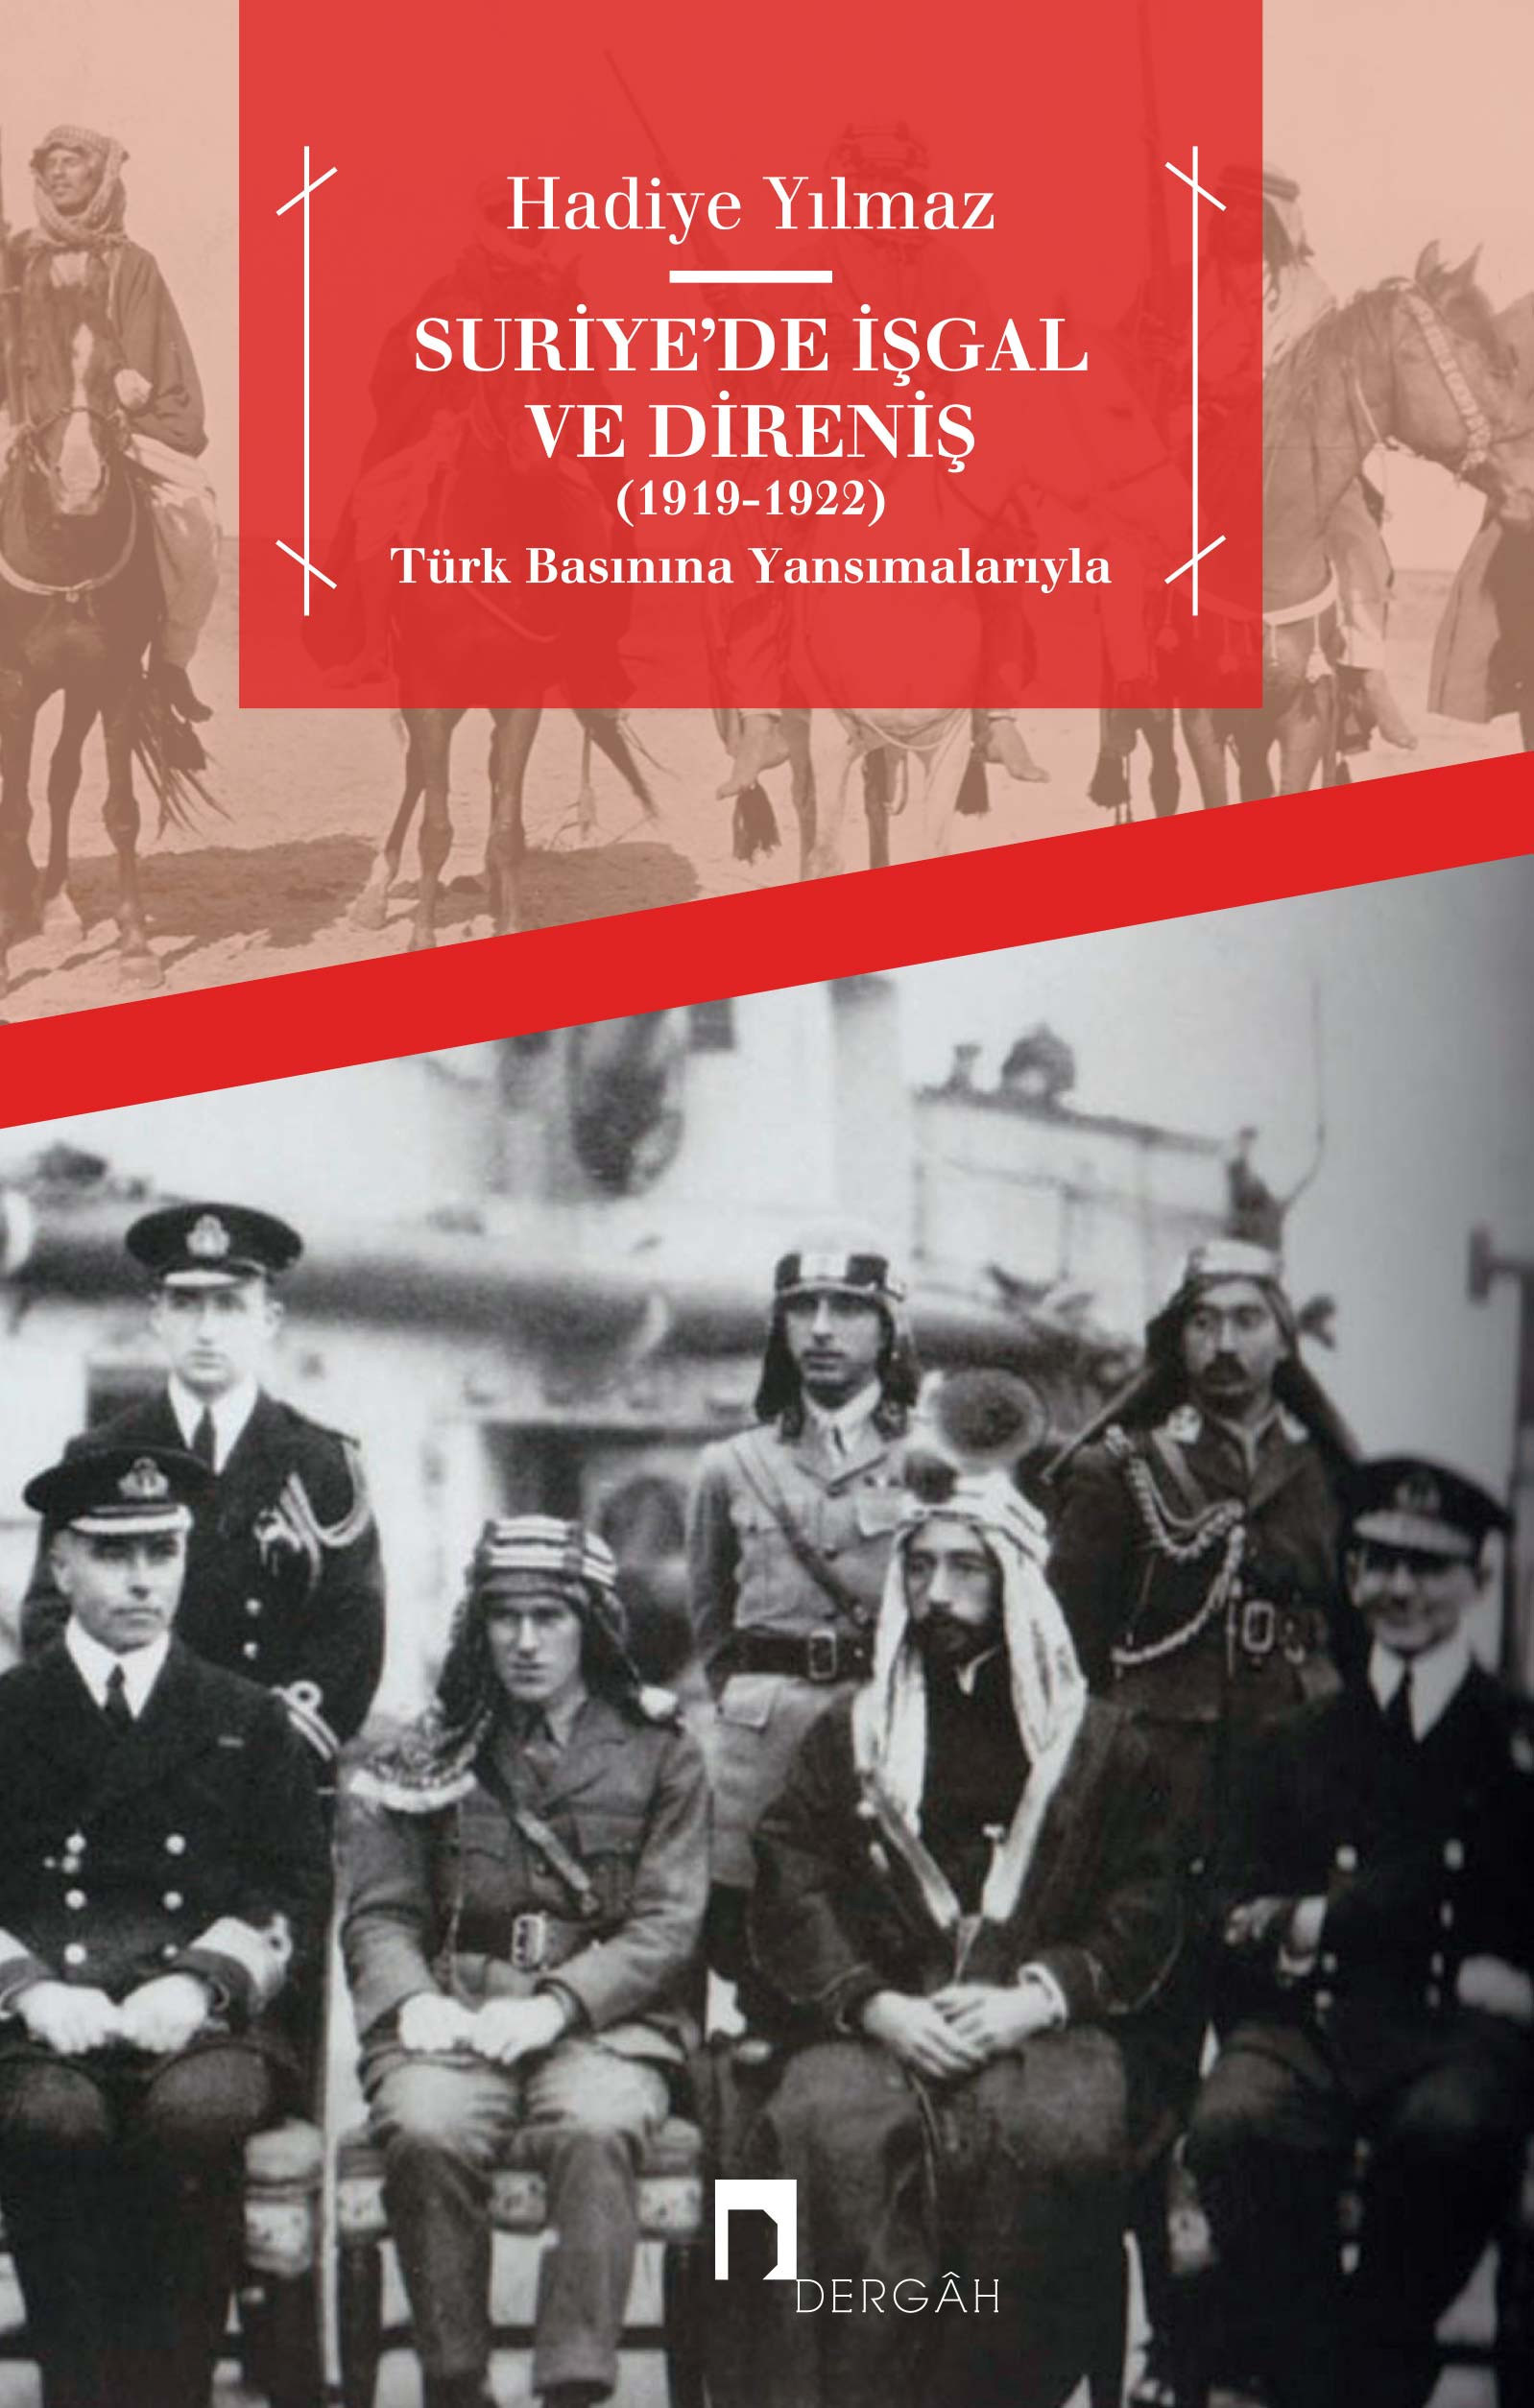 Suriye'de İşgal ve Direniş (1919-1922) Türk Basınına Yansımalarıyla